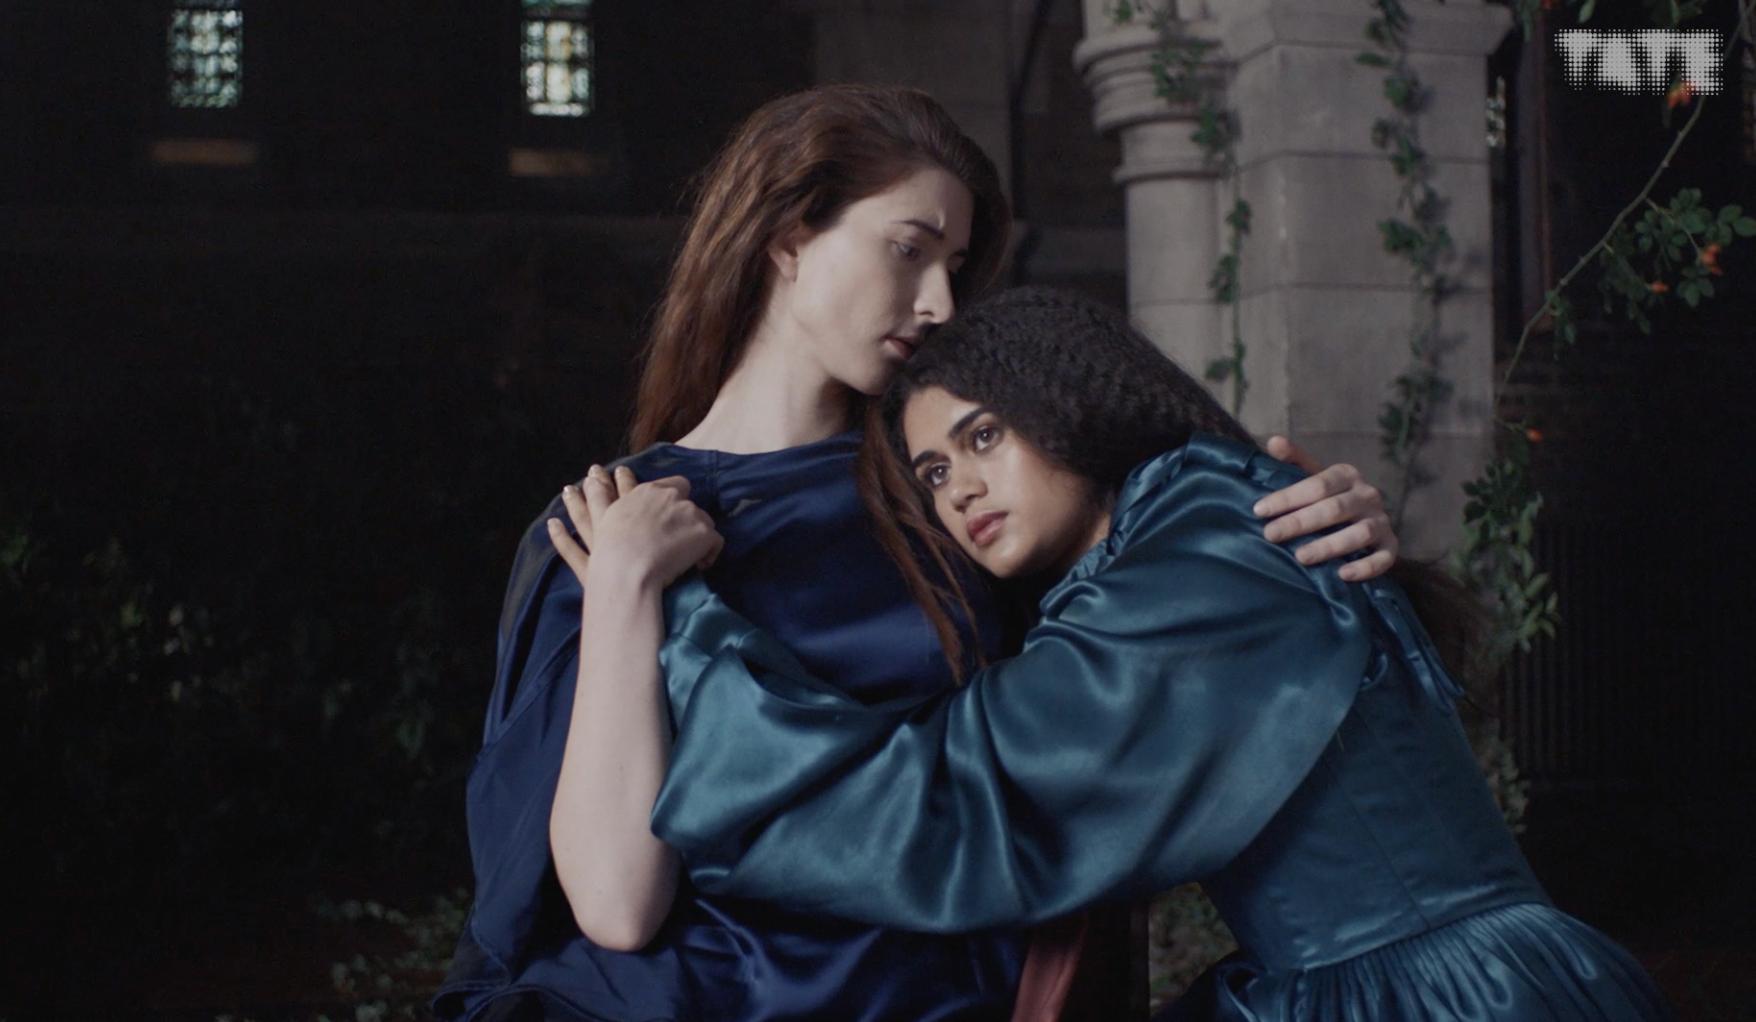 Как молодой актрисе пробиться в кино в Голливуде: спросили у Лизы Мэрсар